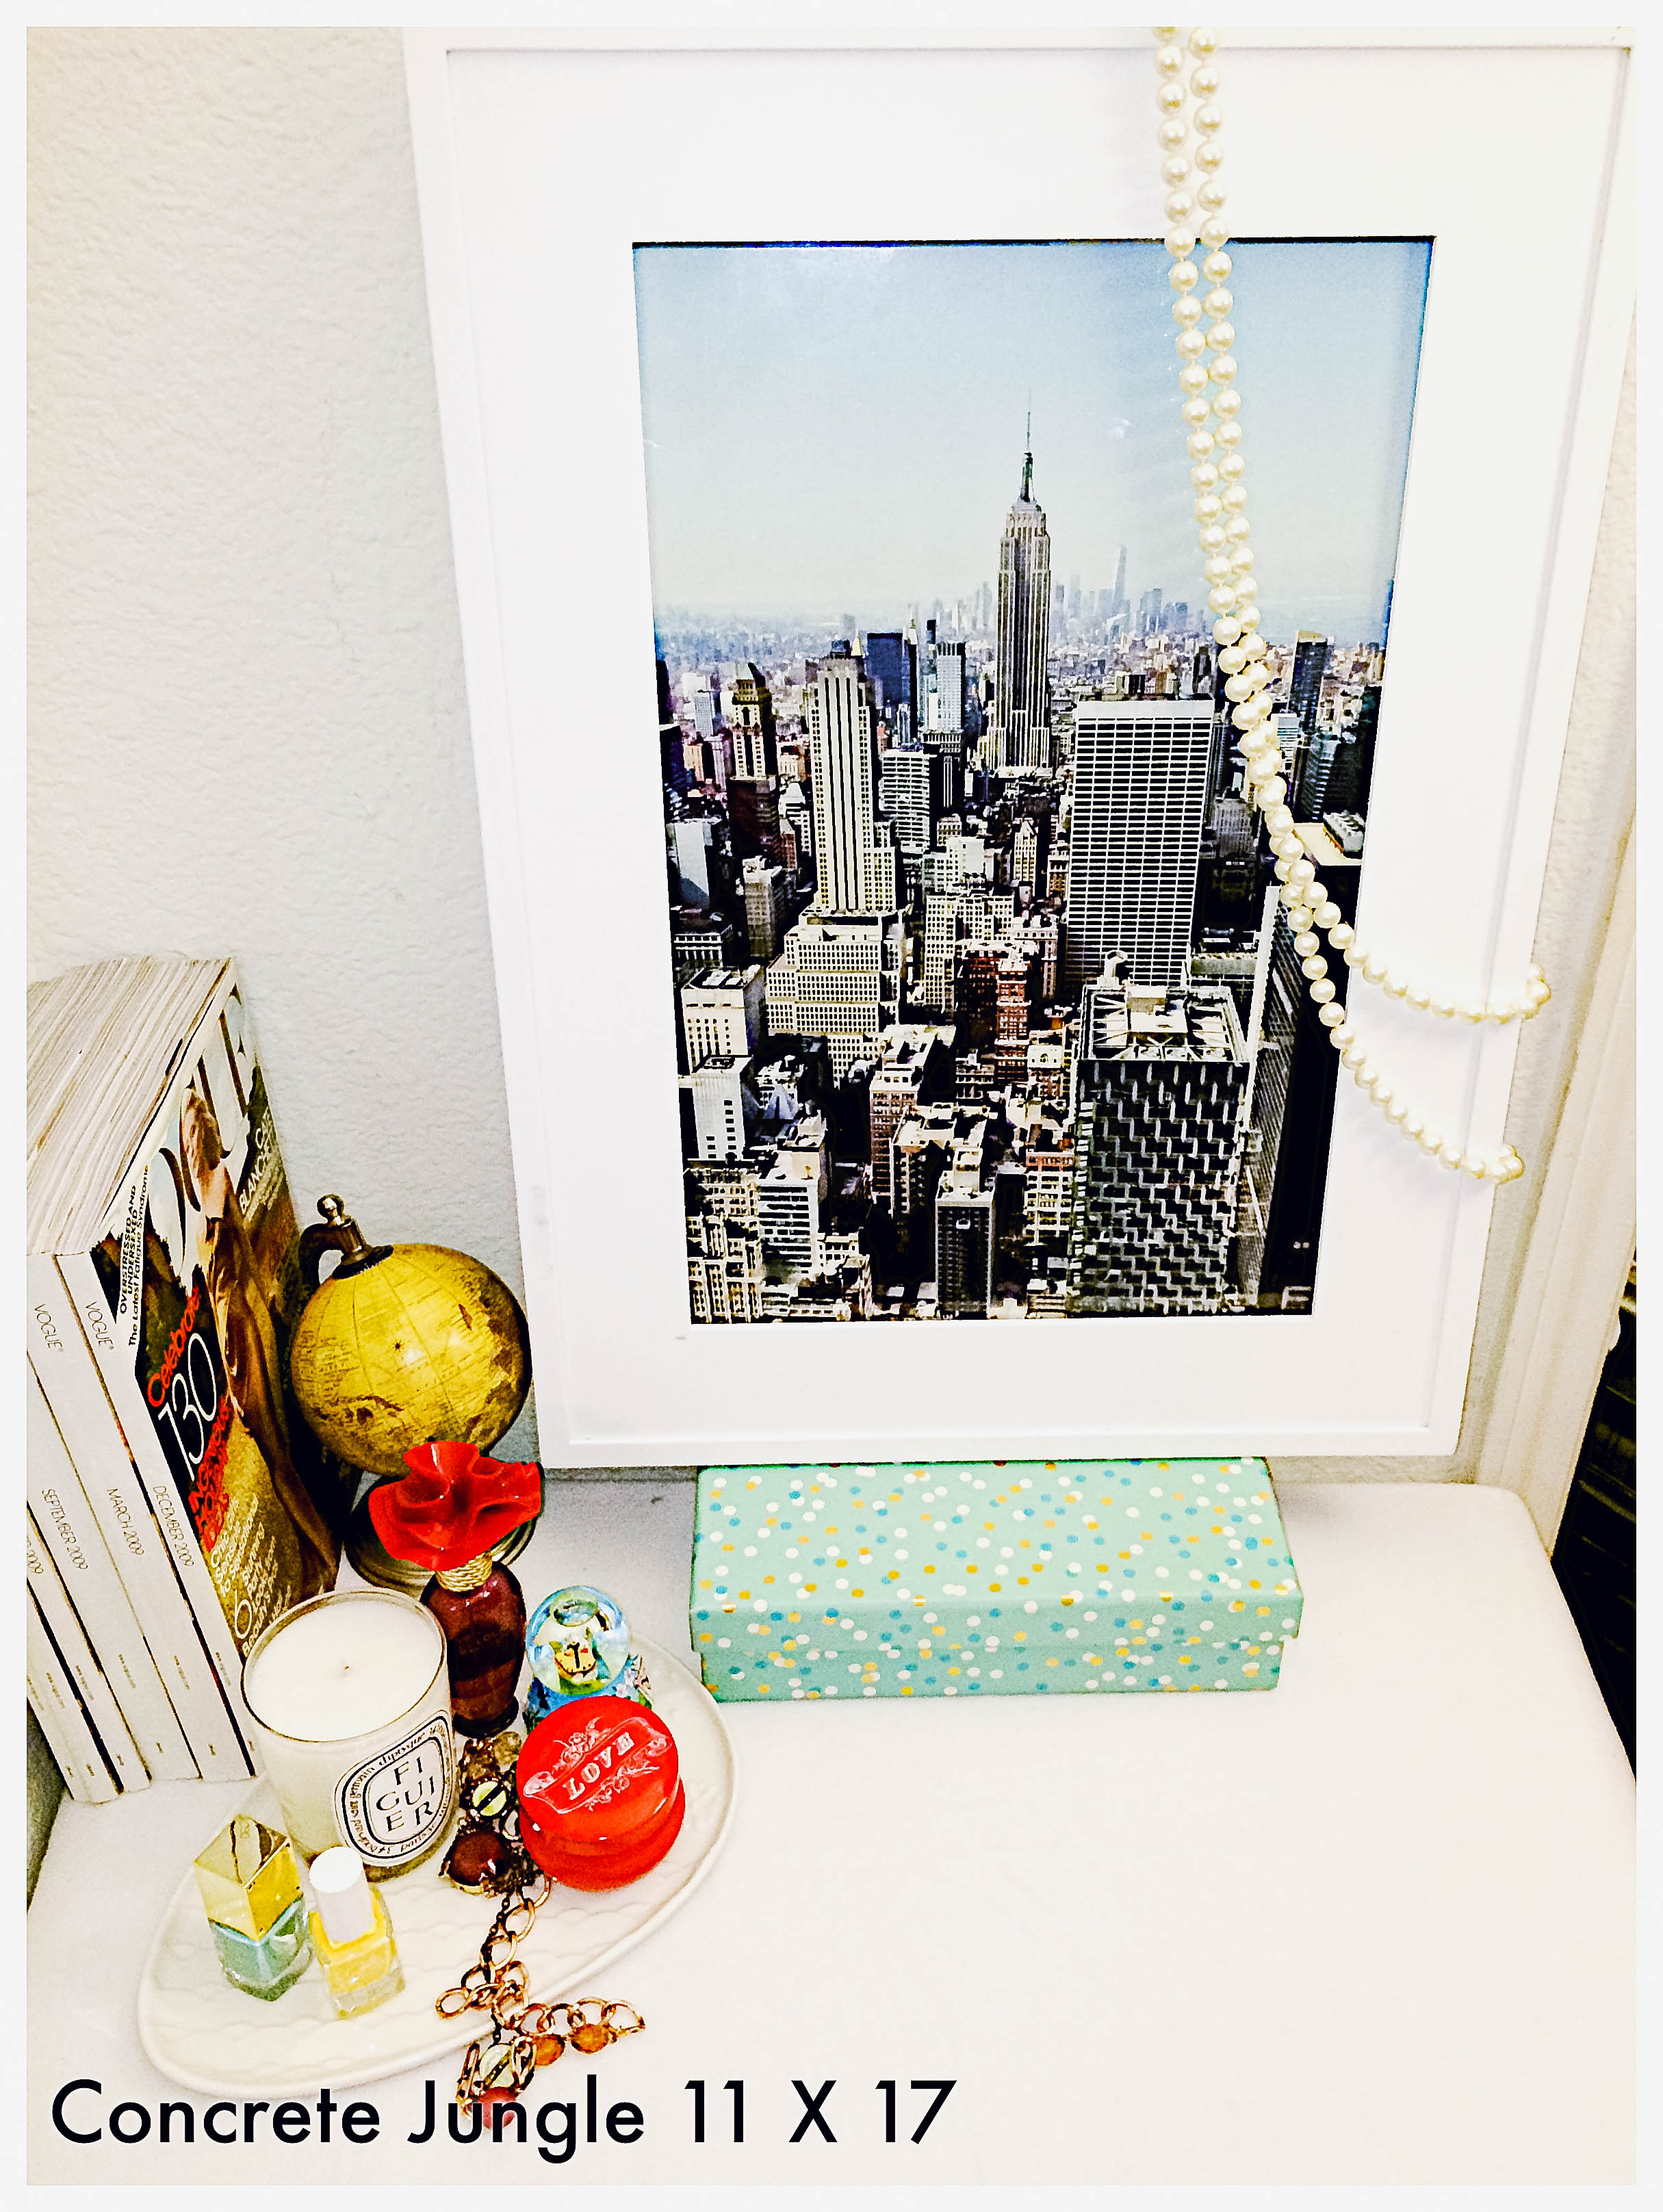 Gallery 1-9193.jpg